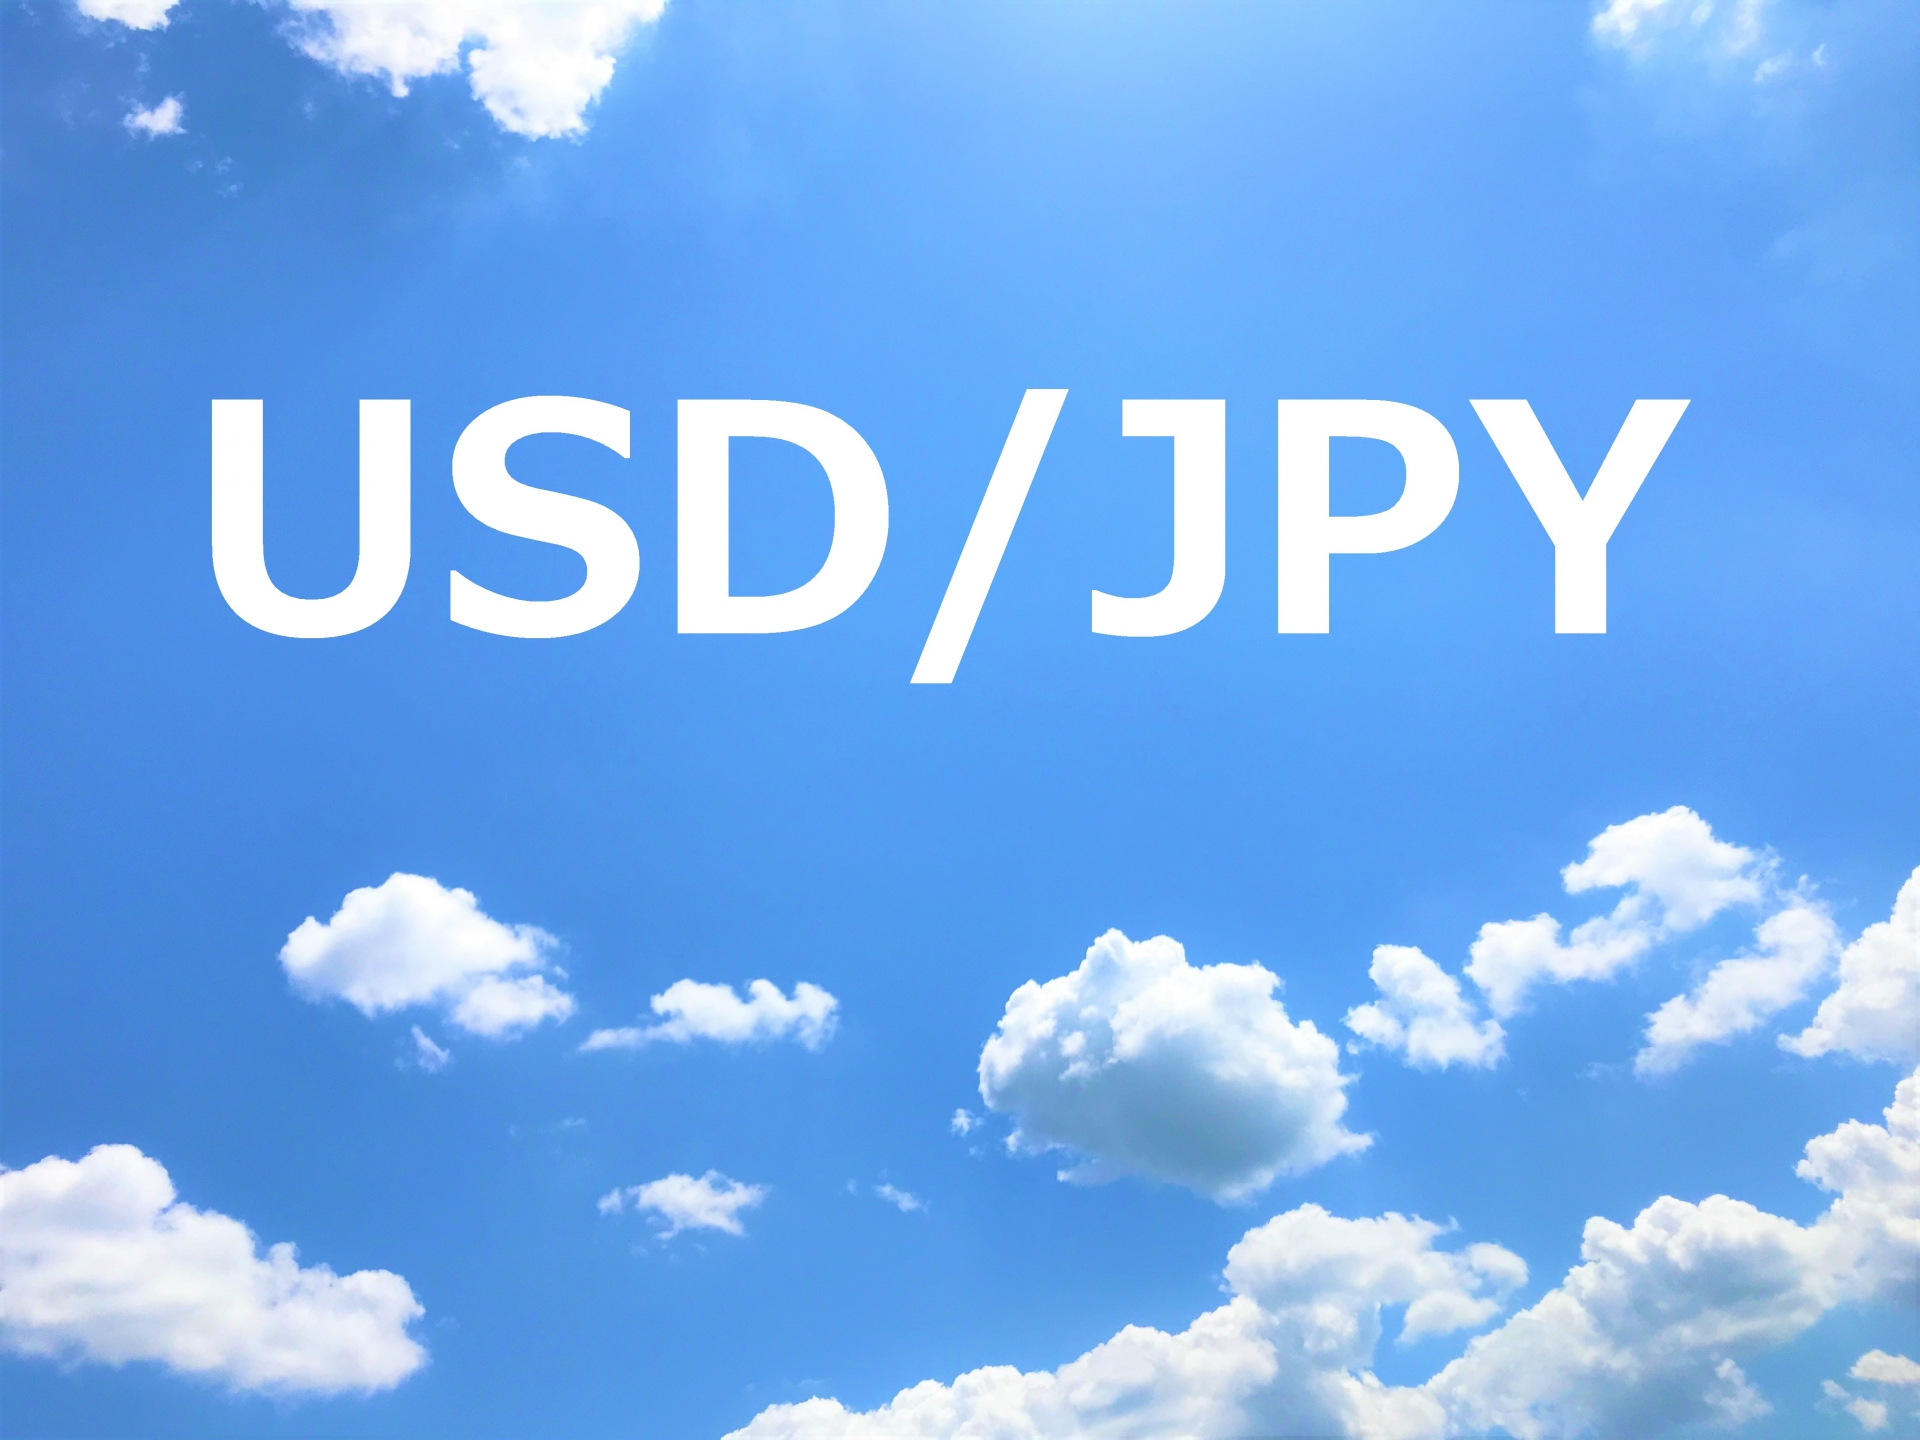 おすすめ通貨はドル円